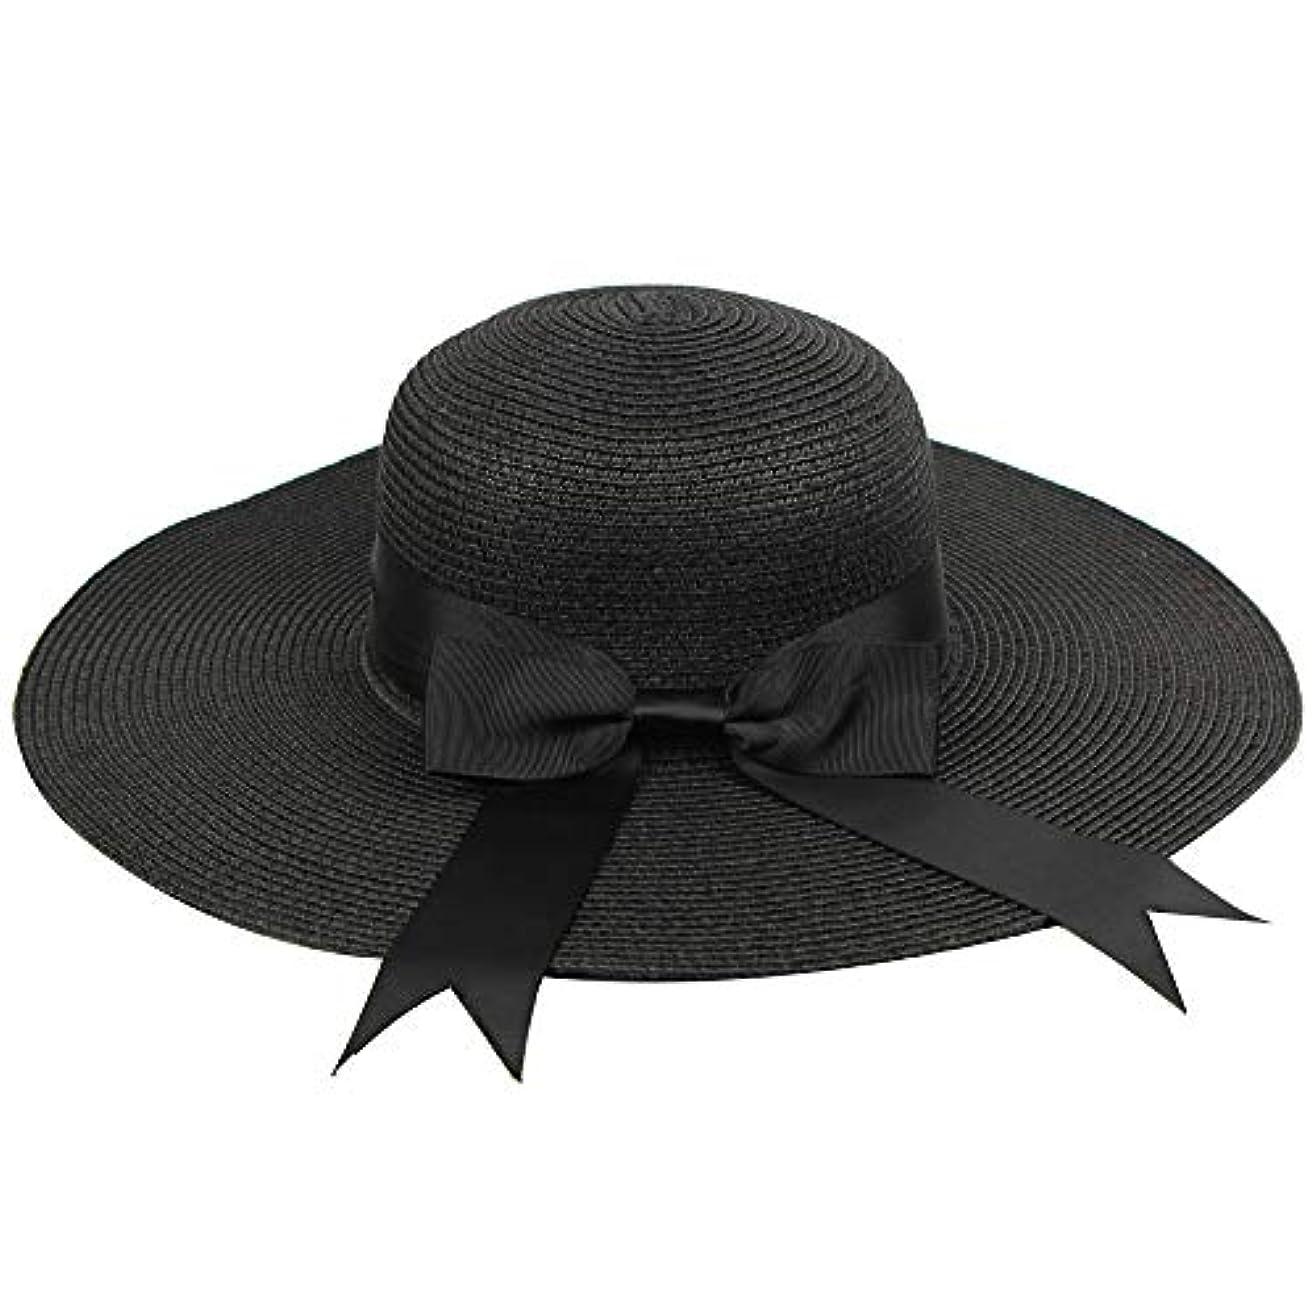 探検断片理解するUVカット 帽子 ハット レディース 紫外線対策 日焼け防止 軽量 熱中症予防 取り外すあご紐 つば広 おしゃれ 広幅 小顔効果抜群 折りたたみ サイズ調節可 旅行 調節テープ 吸汗通気 紫外線対策 ROSE ROMAN